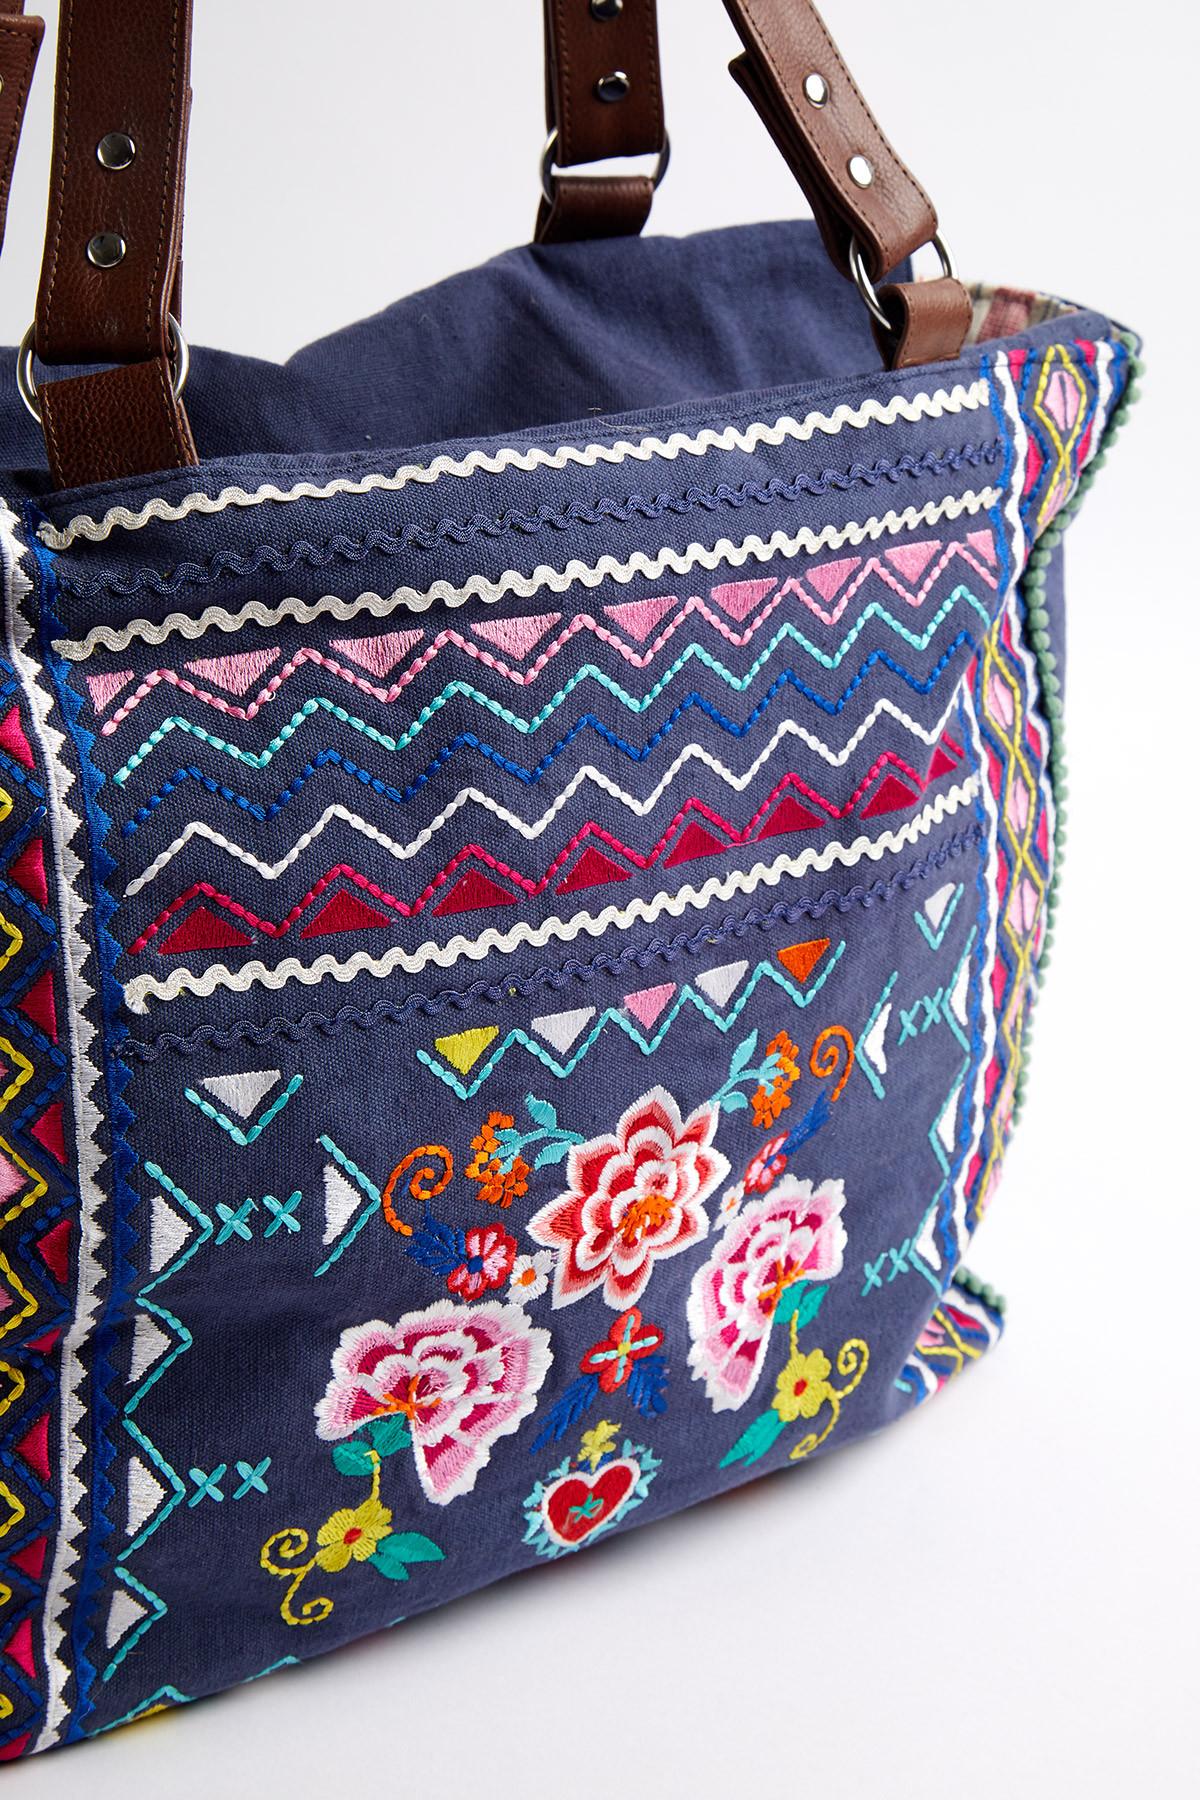 Mejores bolsos de playa para disfrutar mejor del verano 1